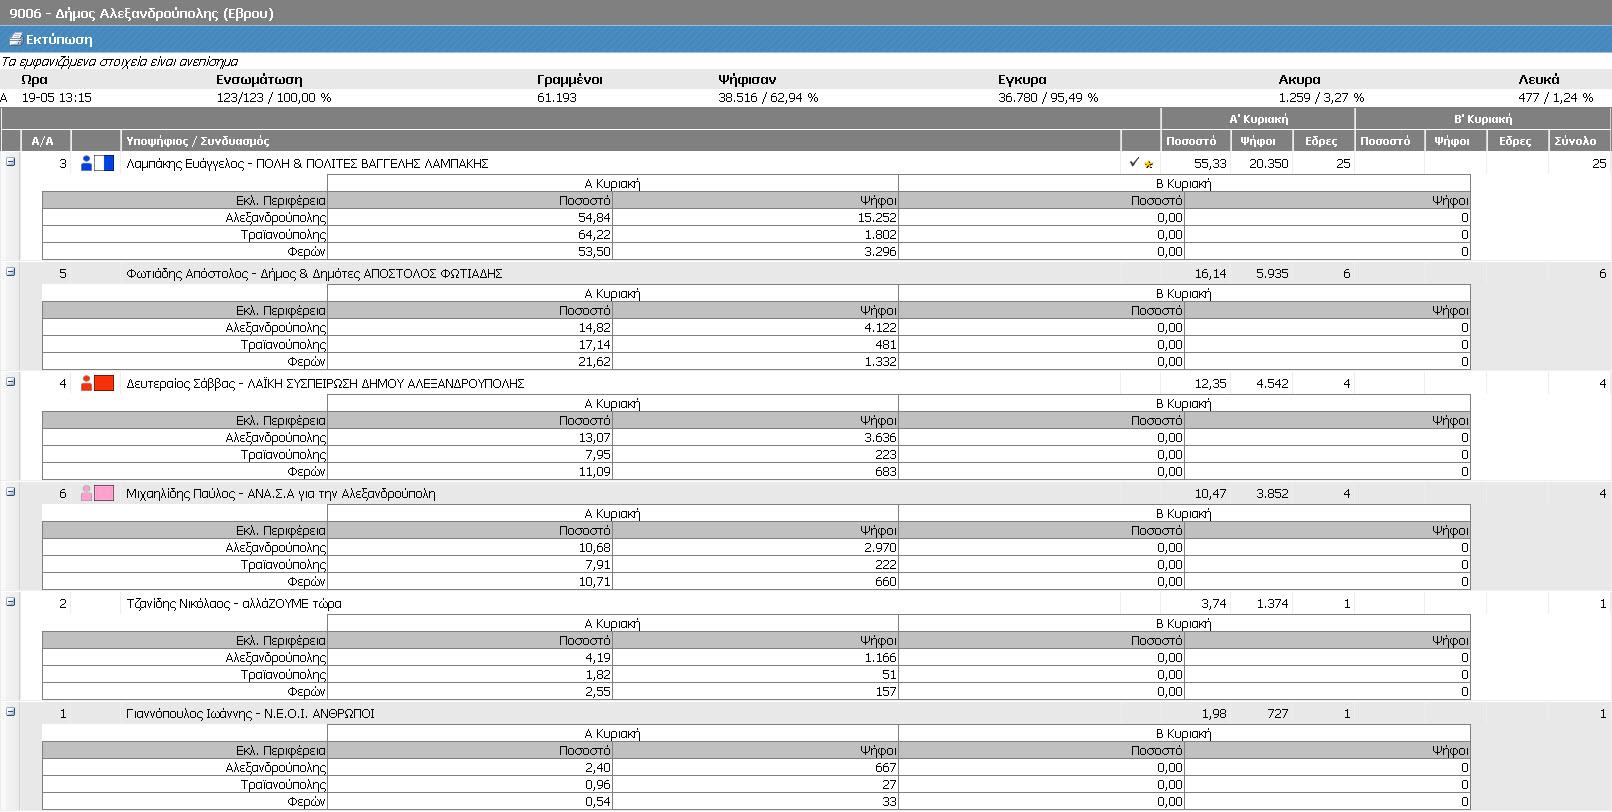 Δήμος Αλεξανδρούπολης (Τελικά ΥΠΕΣ, Α' Κυριακή 18/5/2014 - αποτελέσματα 19/5/2014 13:15)